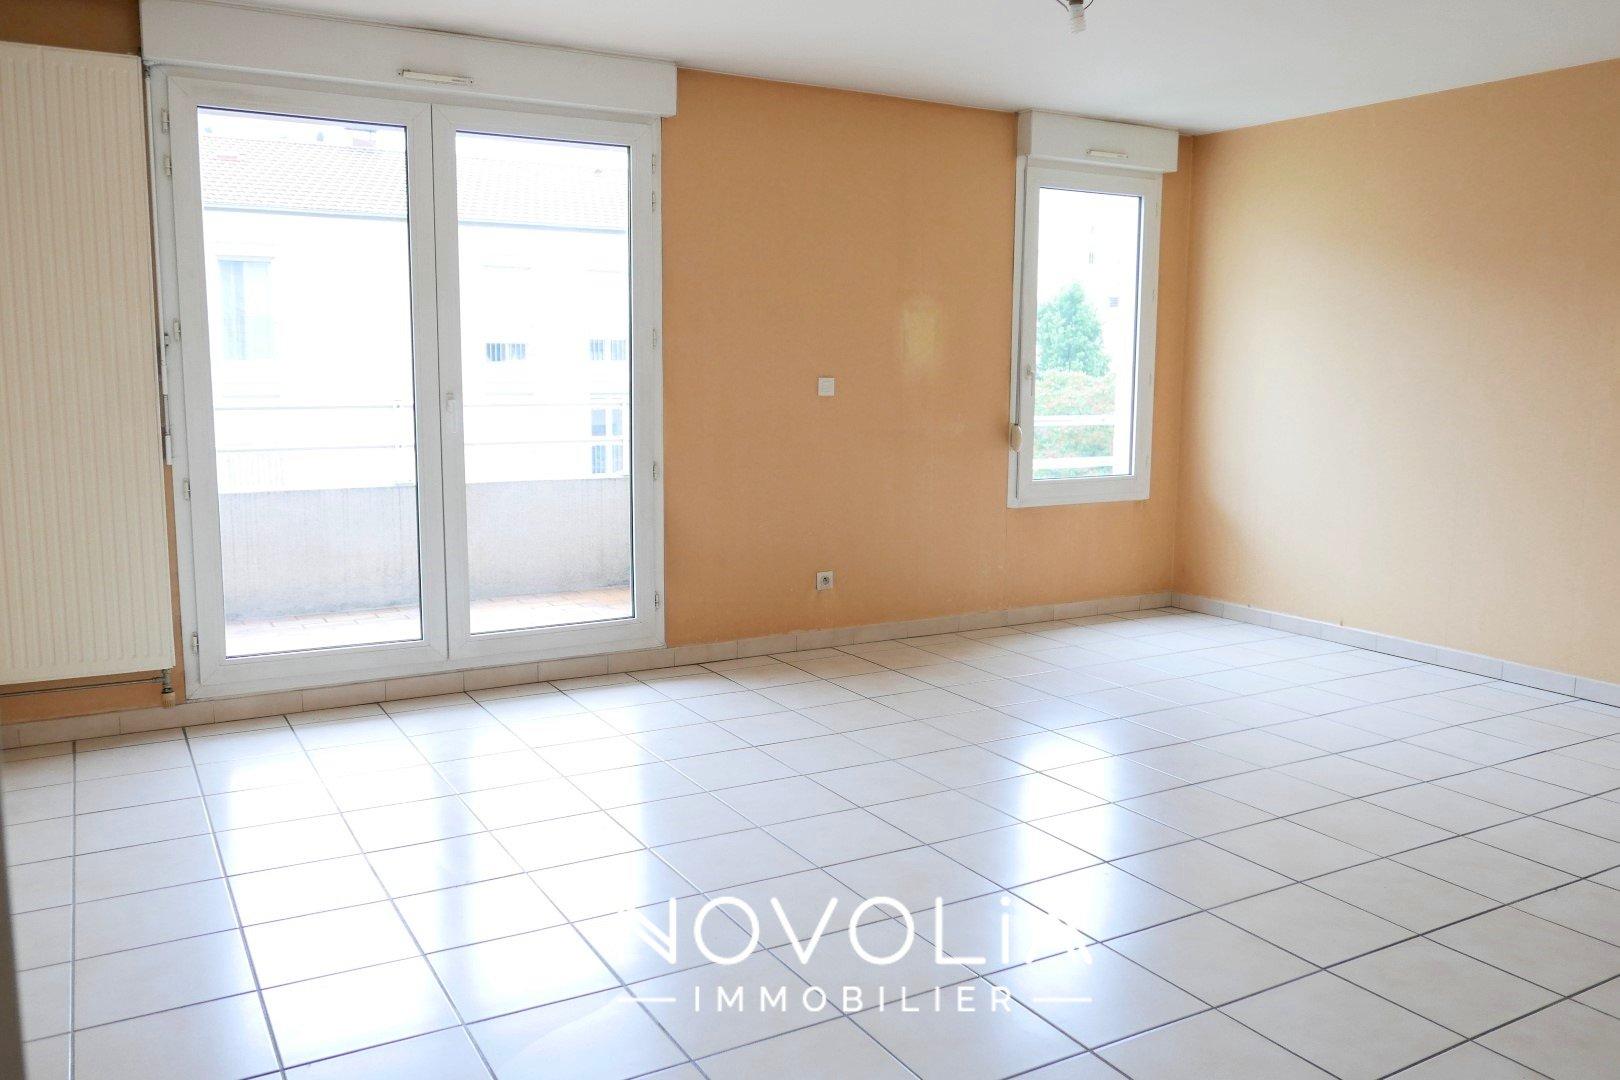 Achat Appartement Surface de 118.57 m²/ Total carrez : 118.57 m², 6 pièces, Villeurbanne (69100)